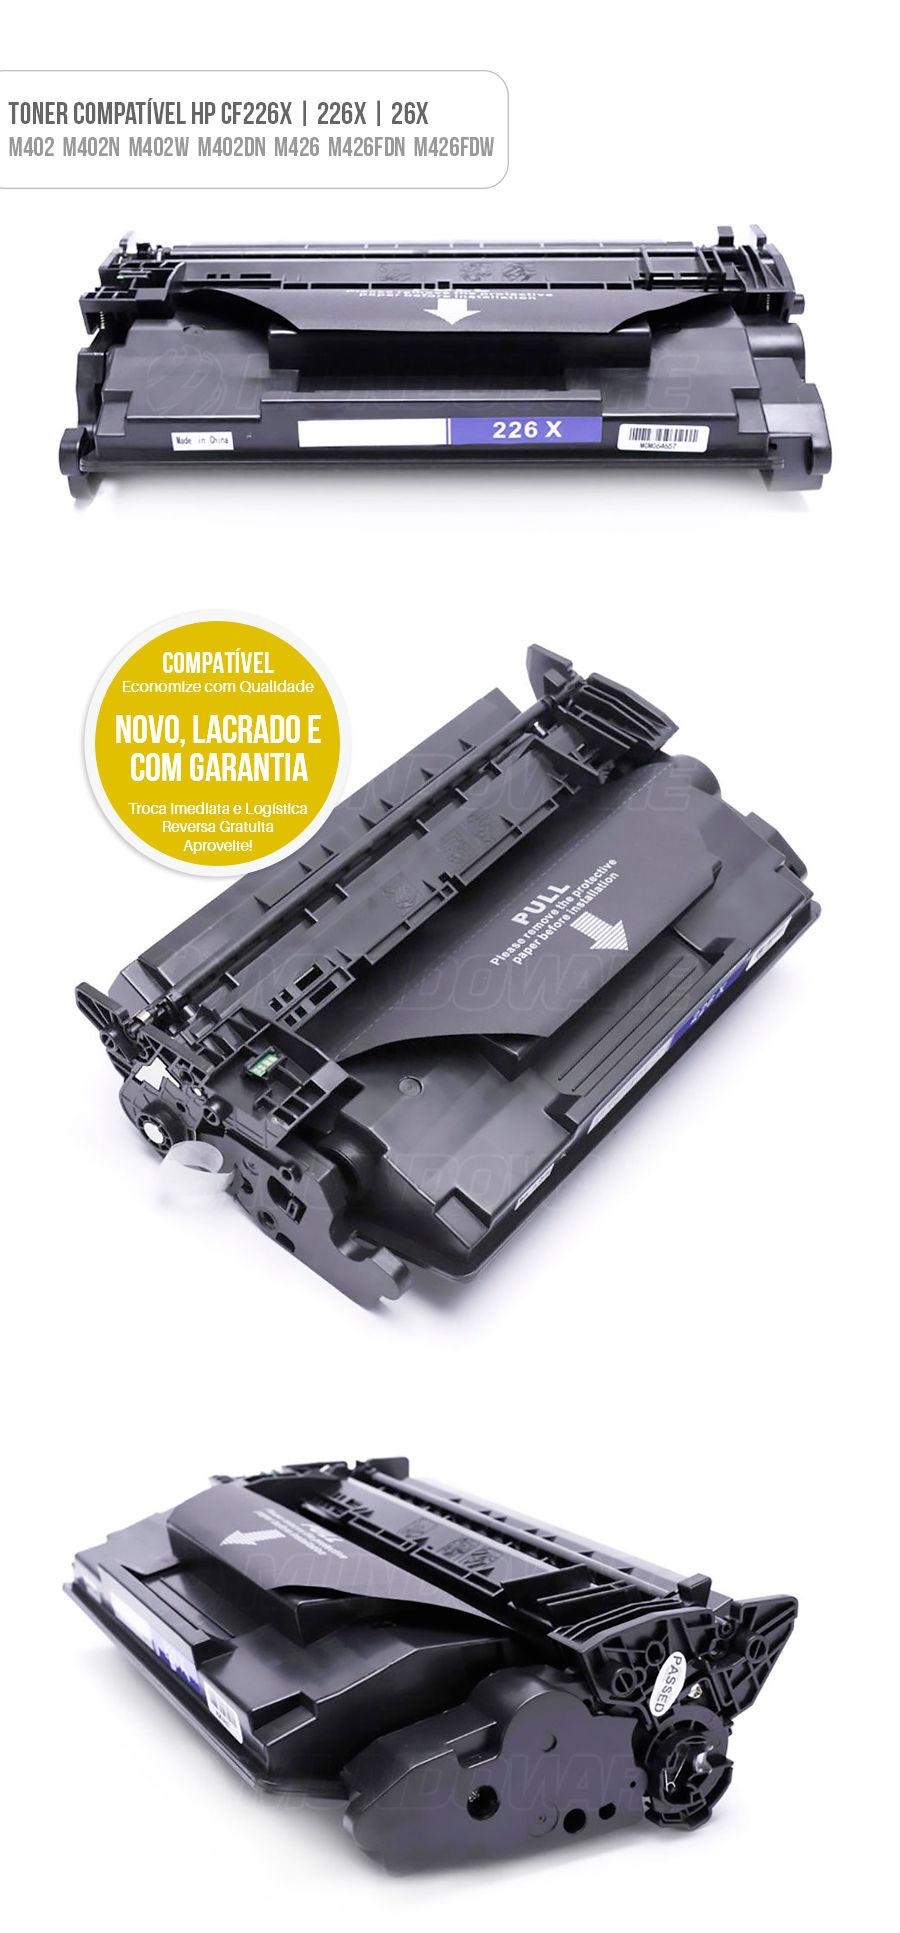 Laserjet Pro M426 M426DW M426FDW M402 M402N M402DN Tonner 226